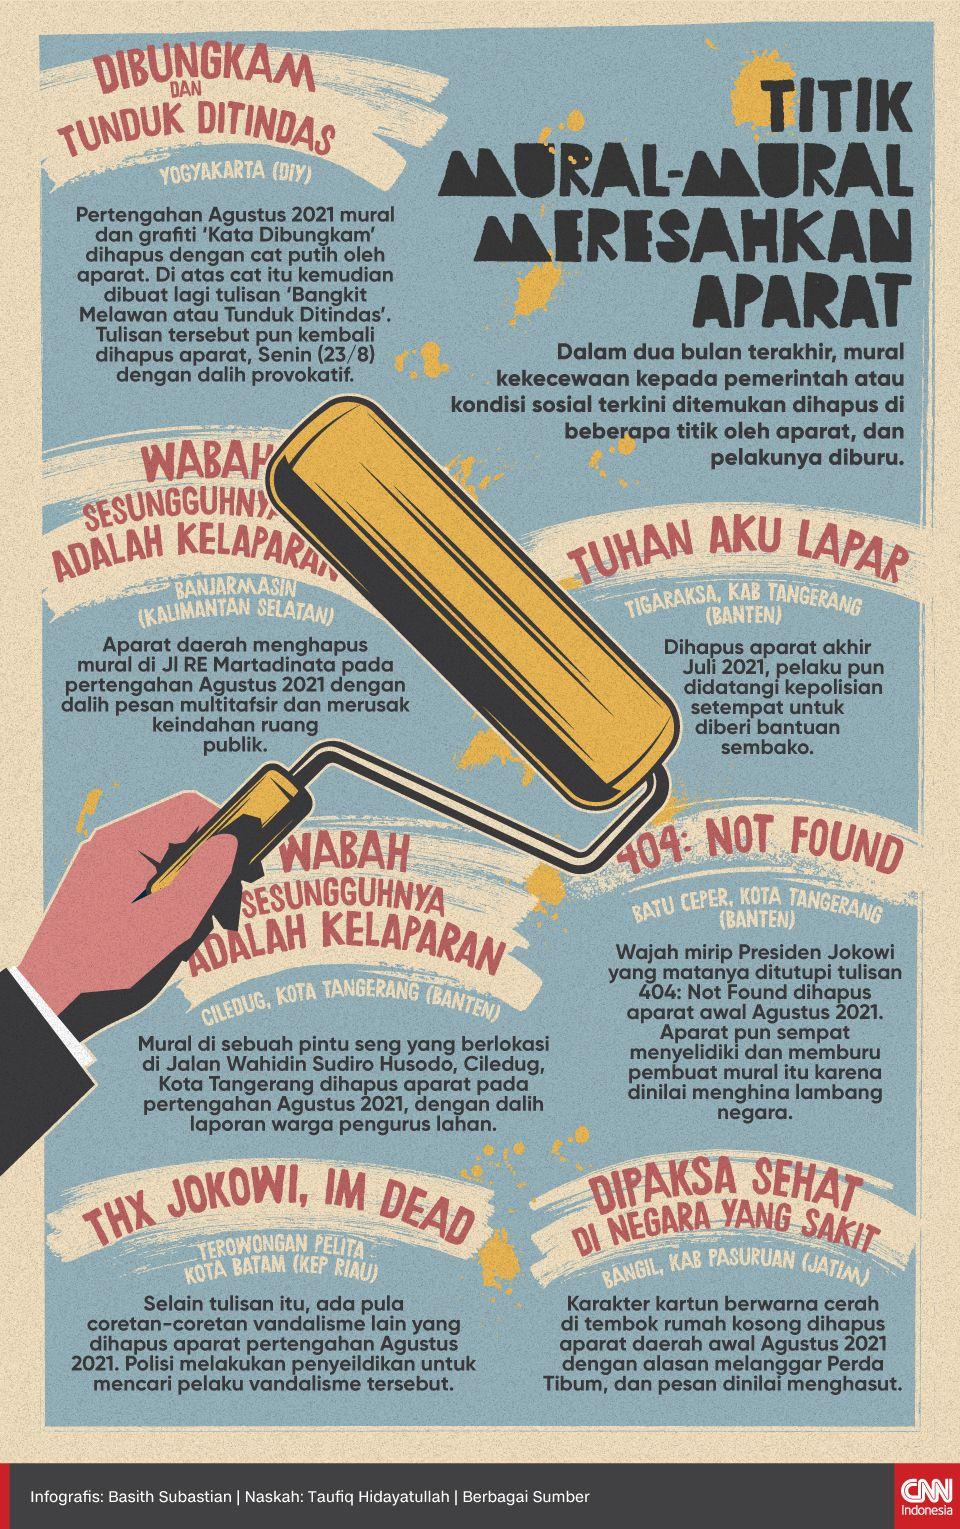 Infografis - Titik Mural-mural Meresahkan Aparat